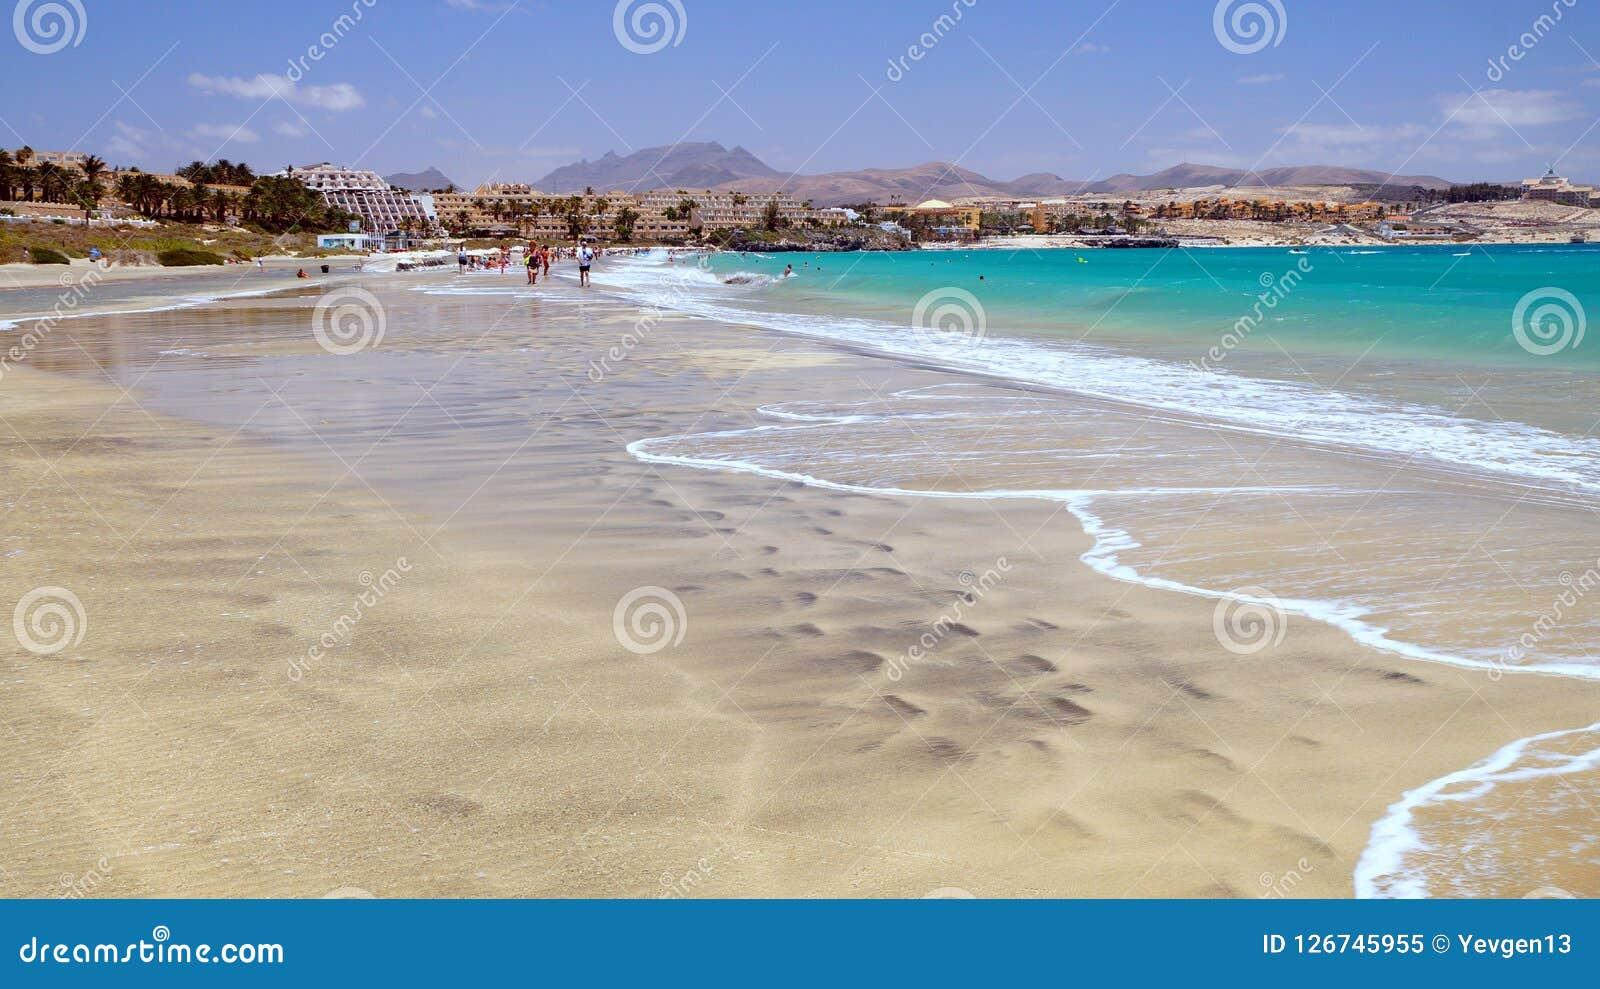 Der Strand In Costa Calma Erholungsort Fuerteventura Kanarische